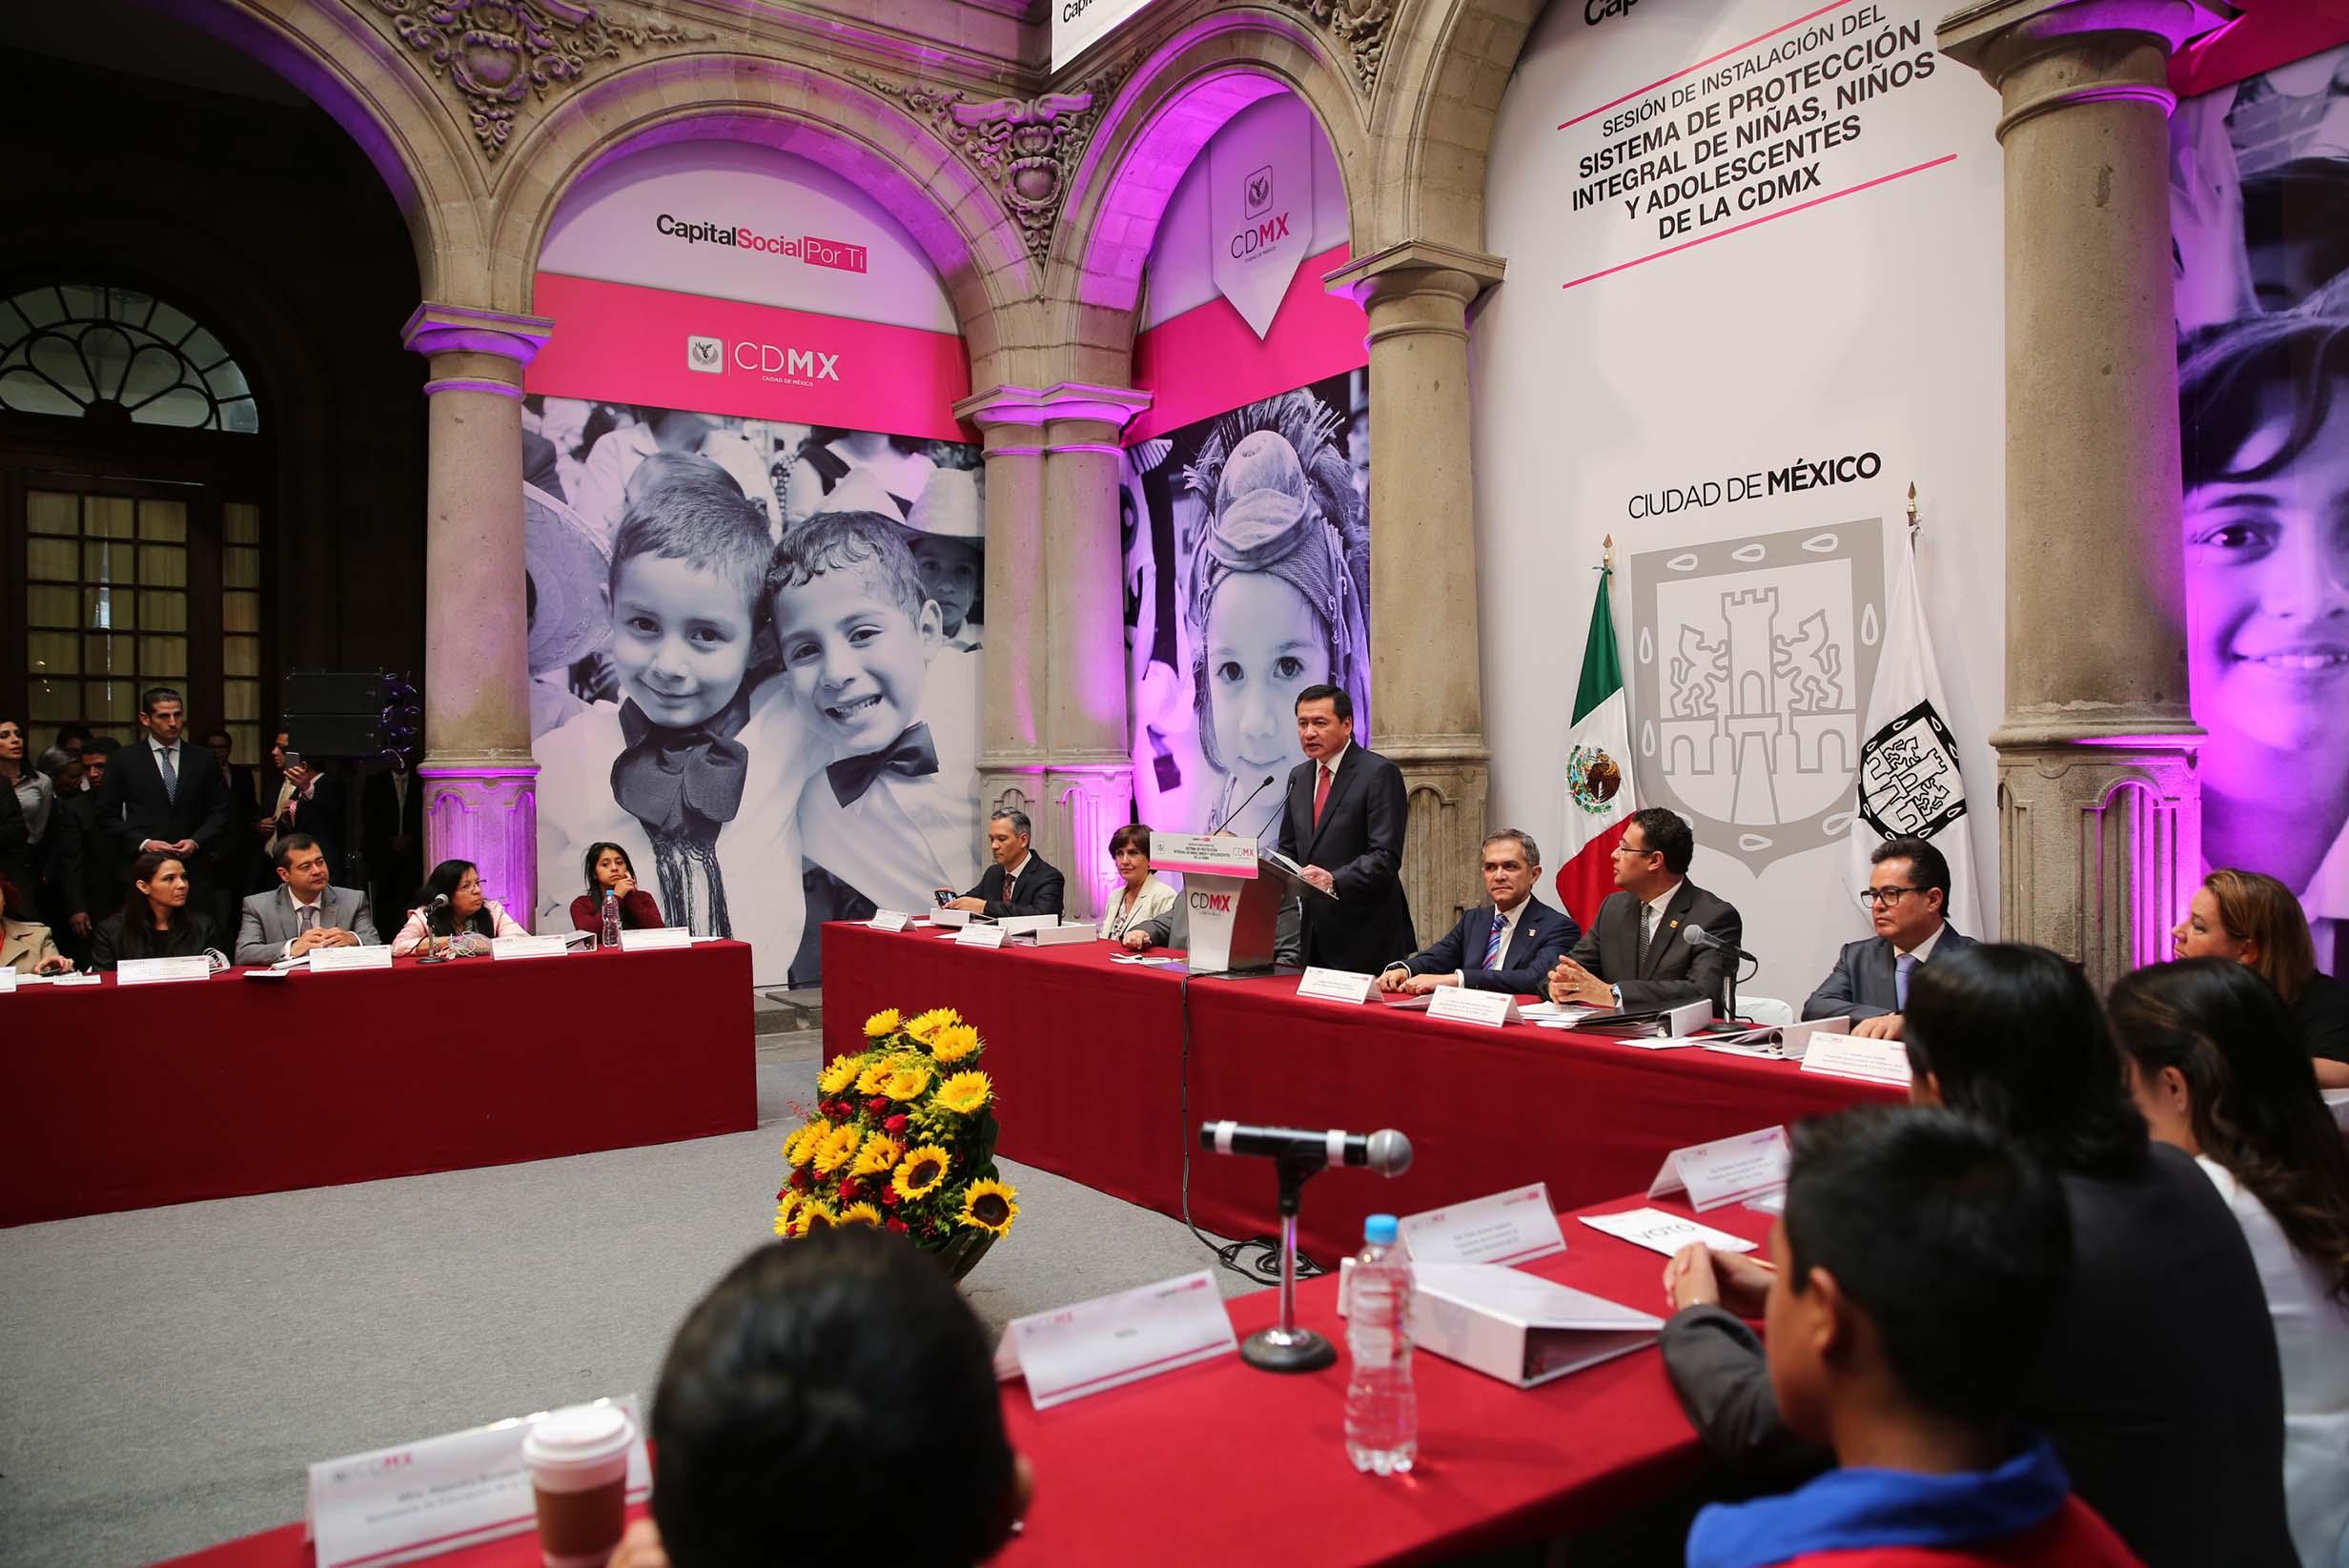 El Secretario de Gobernación, Miguel Ángel Osorio Chong, hoy al clausurar la Sesión de la Instalación del Sistema de Protección Integral de las Niñas, Niños y Adolescentes de la Ciudad de México.